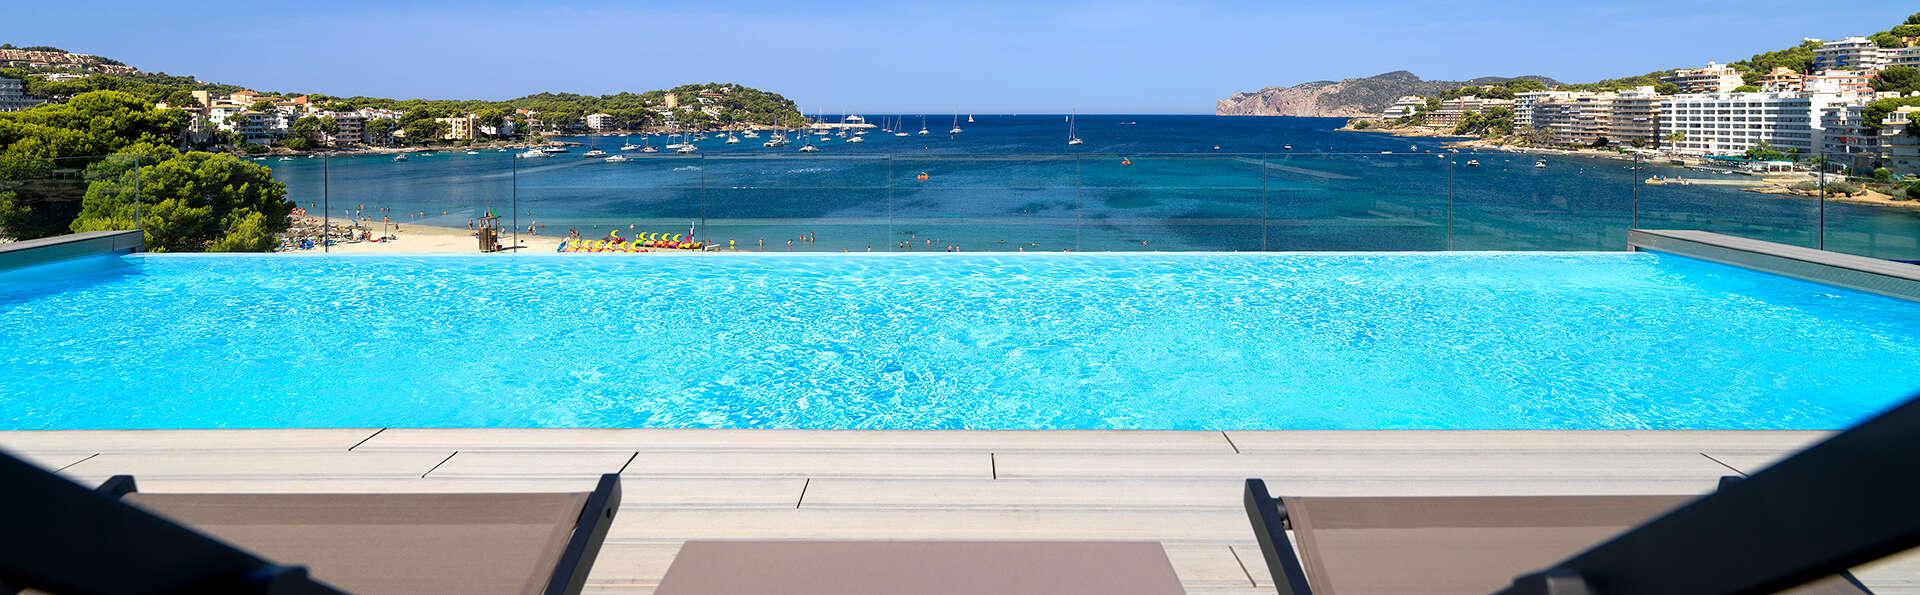 Escapada 4* en Santa Ponsa: desayuno, spa y vistas increíbles al mar